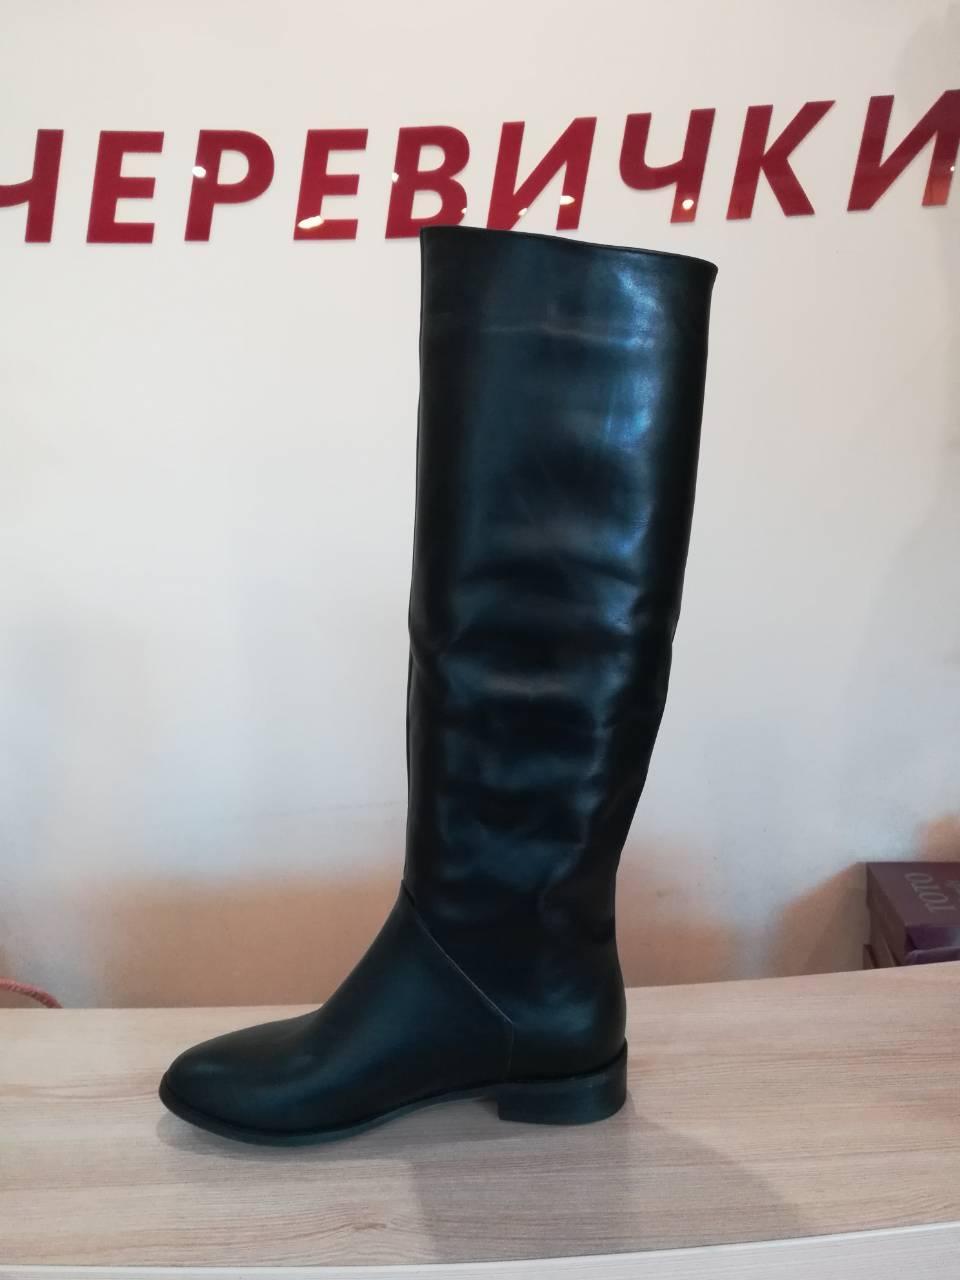 d699e306b Демисезонные женские кожаные сапоги-труба (37 размер): продажа, цена ...